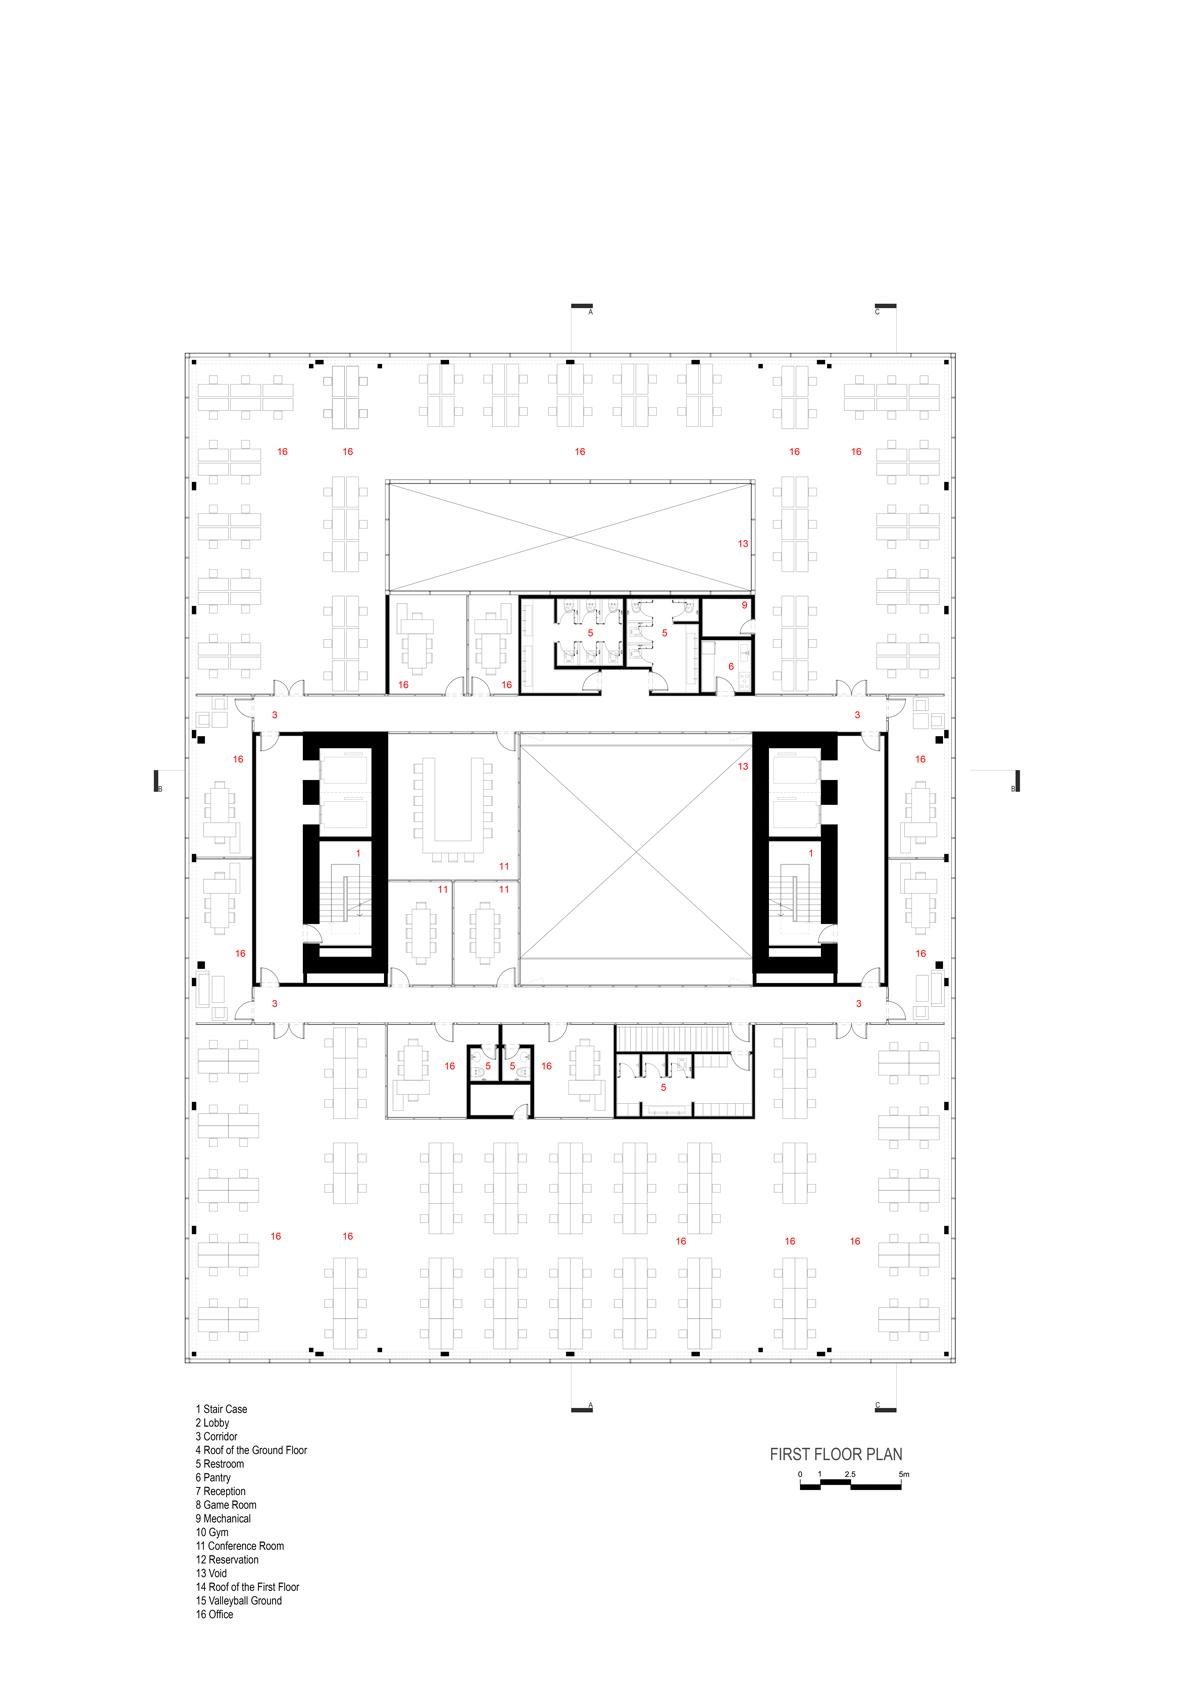 17- Asan Pardakht Headquarters Building